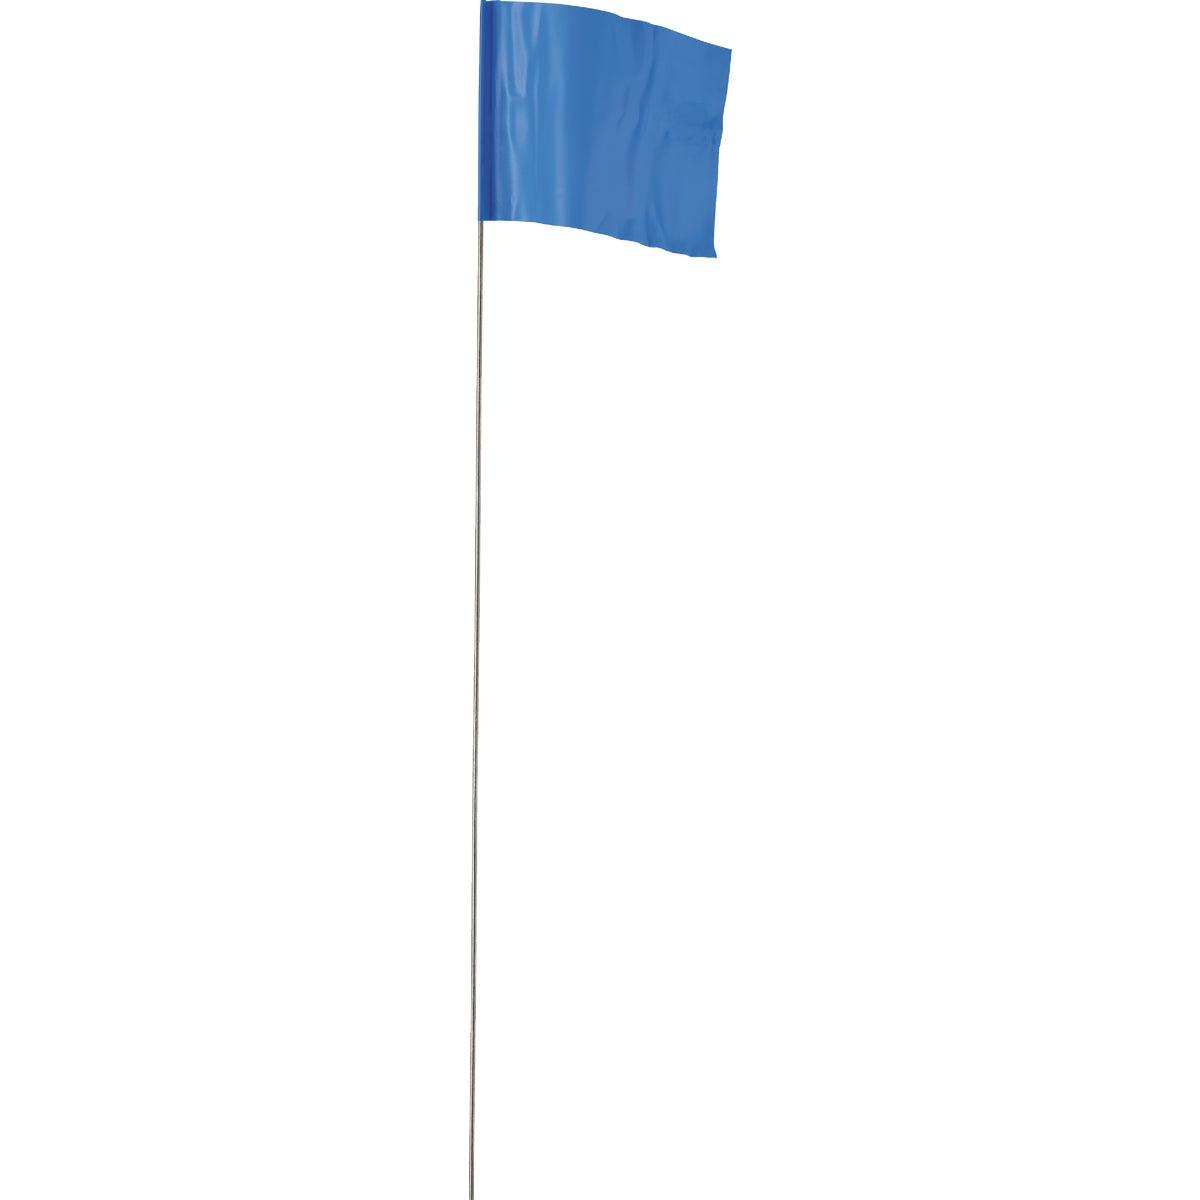 Irwin 100PK BLUE FLAGS 2034206